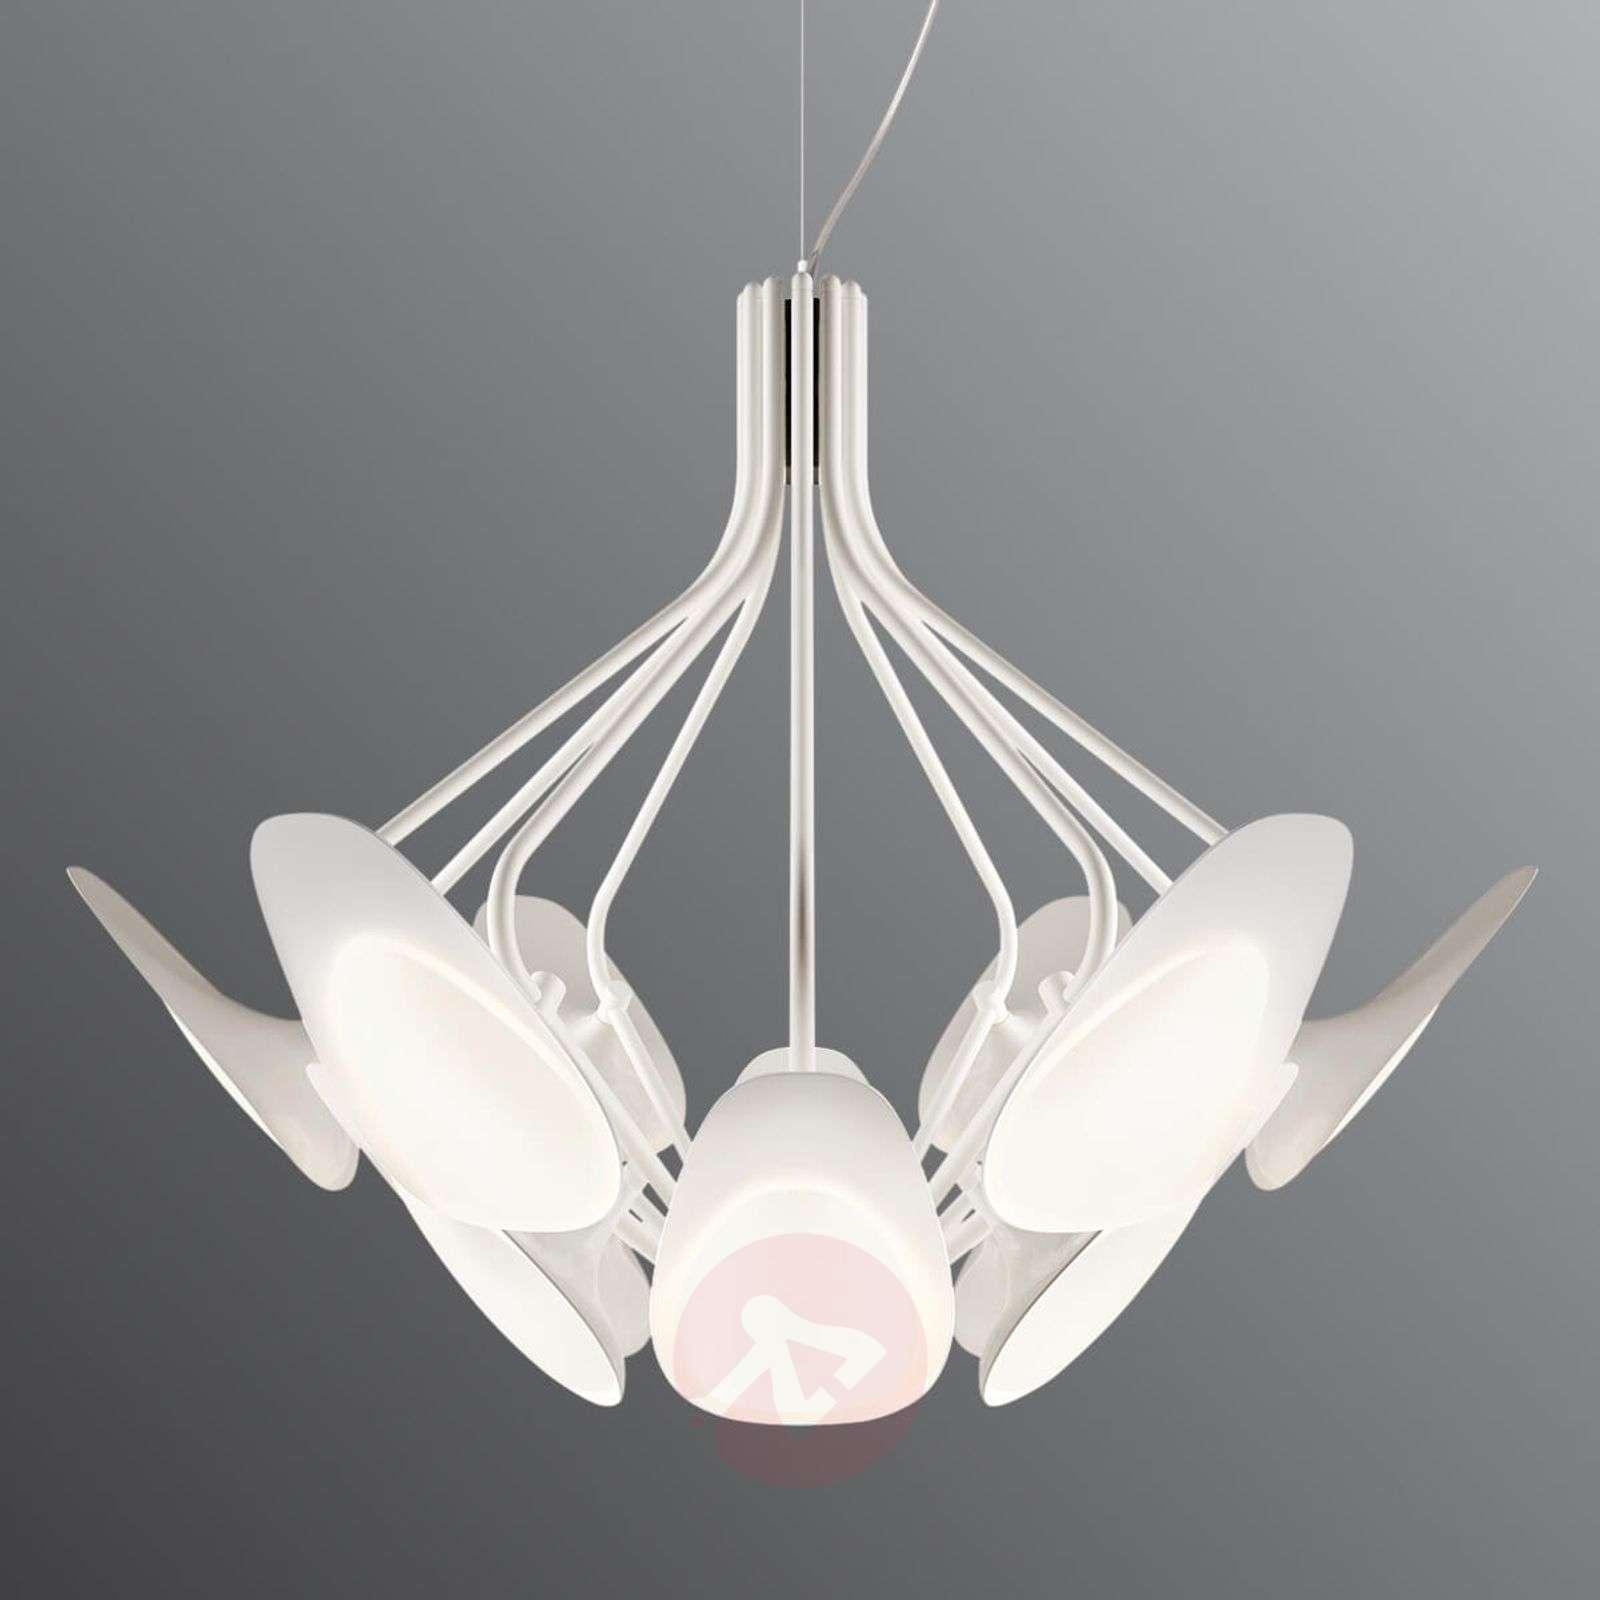 12-lamppuinen LED-riippuvalaisin Peacock valkoinen-5520174-01